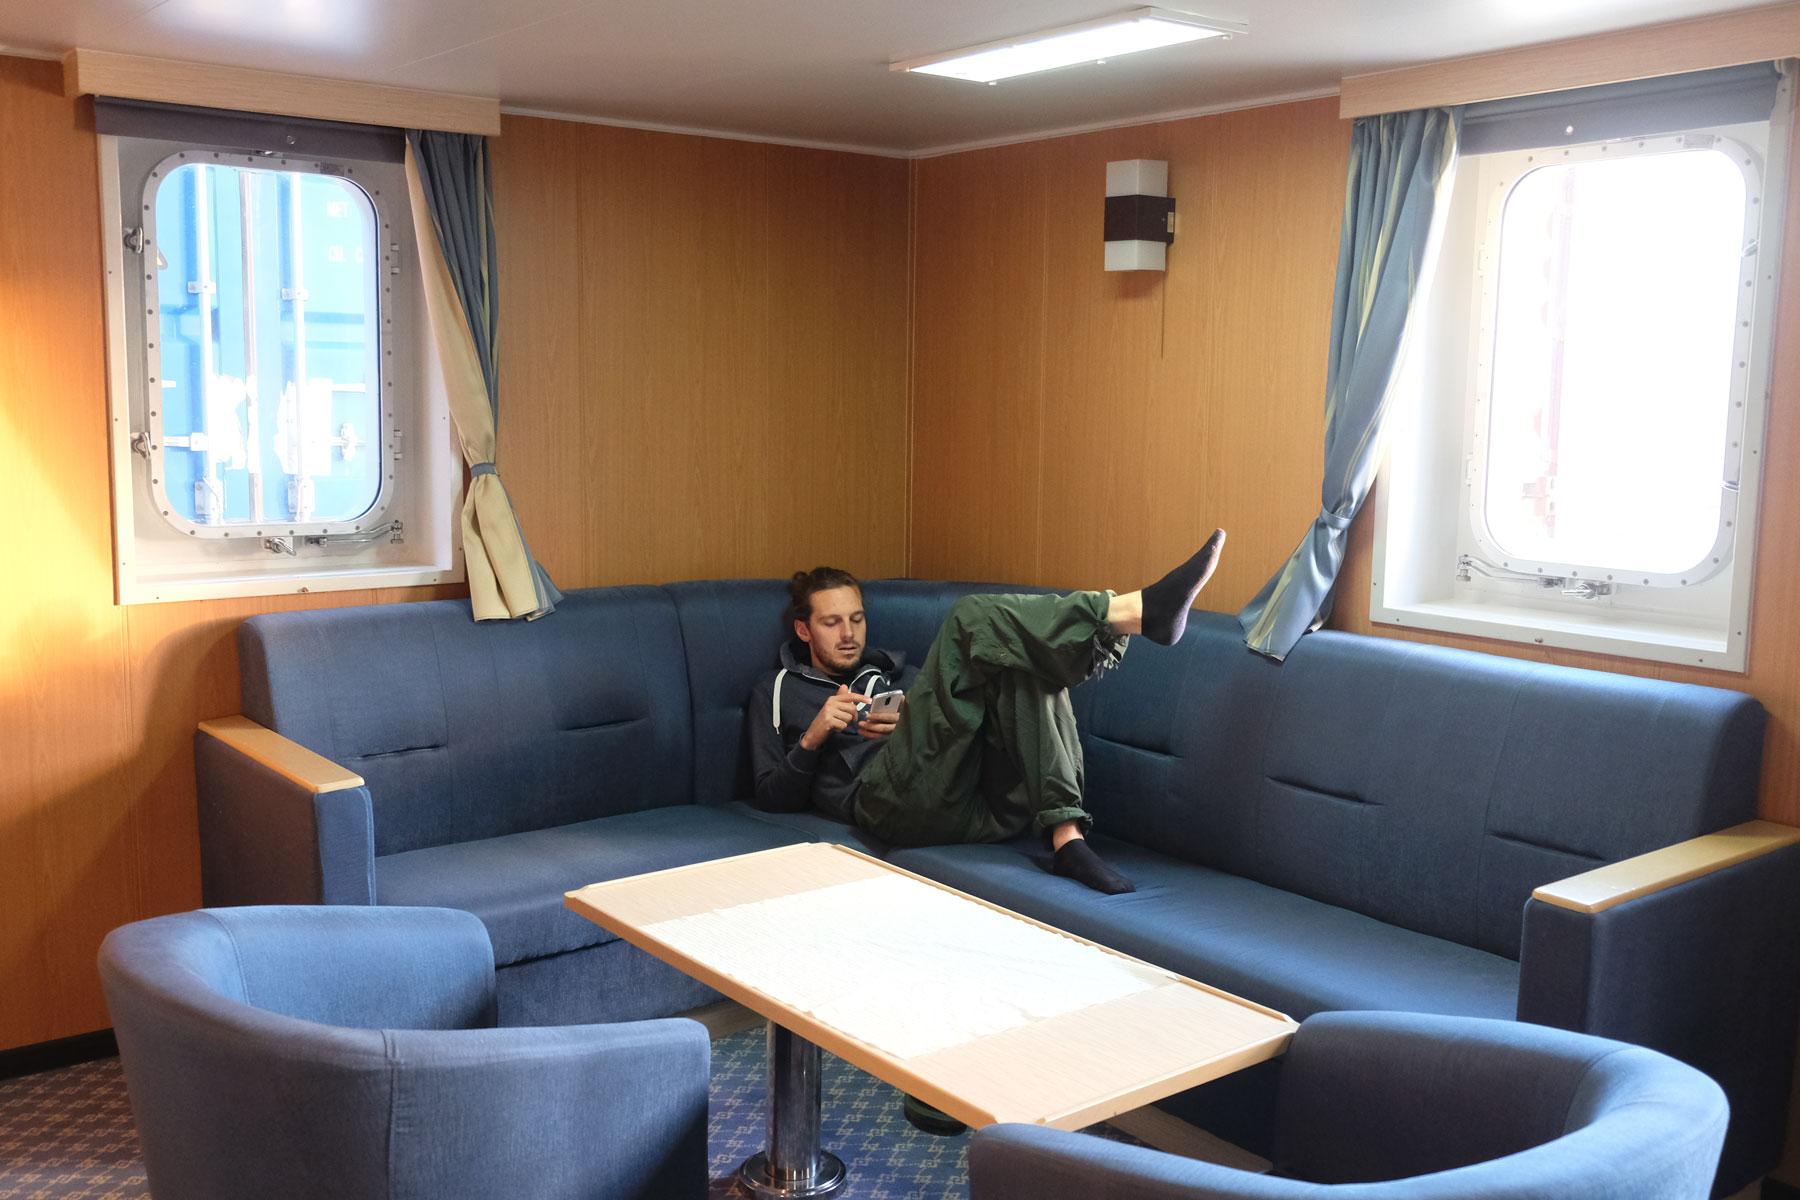 Sebastian liegt im Aufenthaltsraum für Passagiere auf einem Sofa.